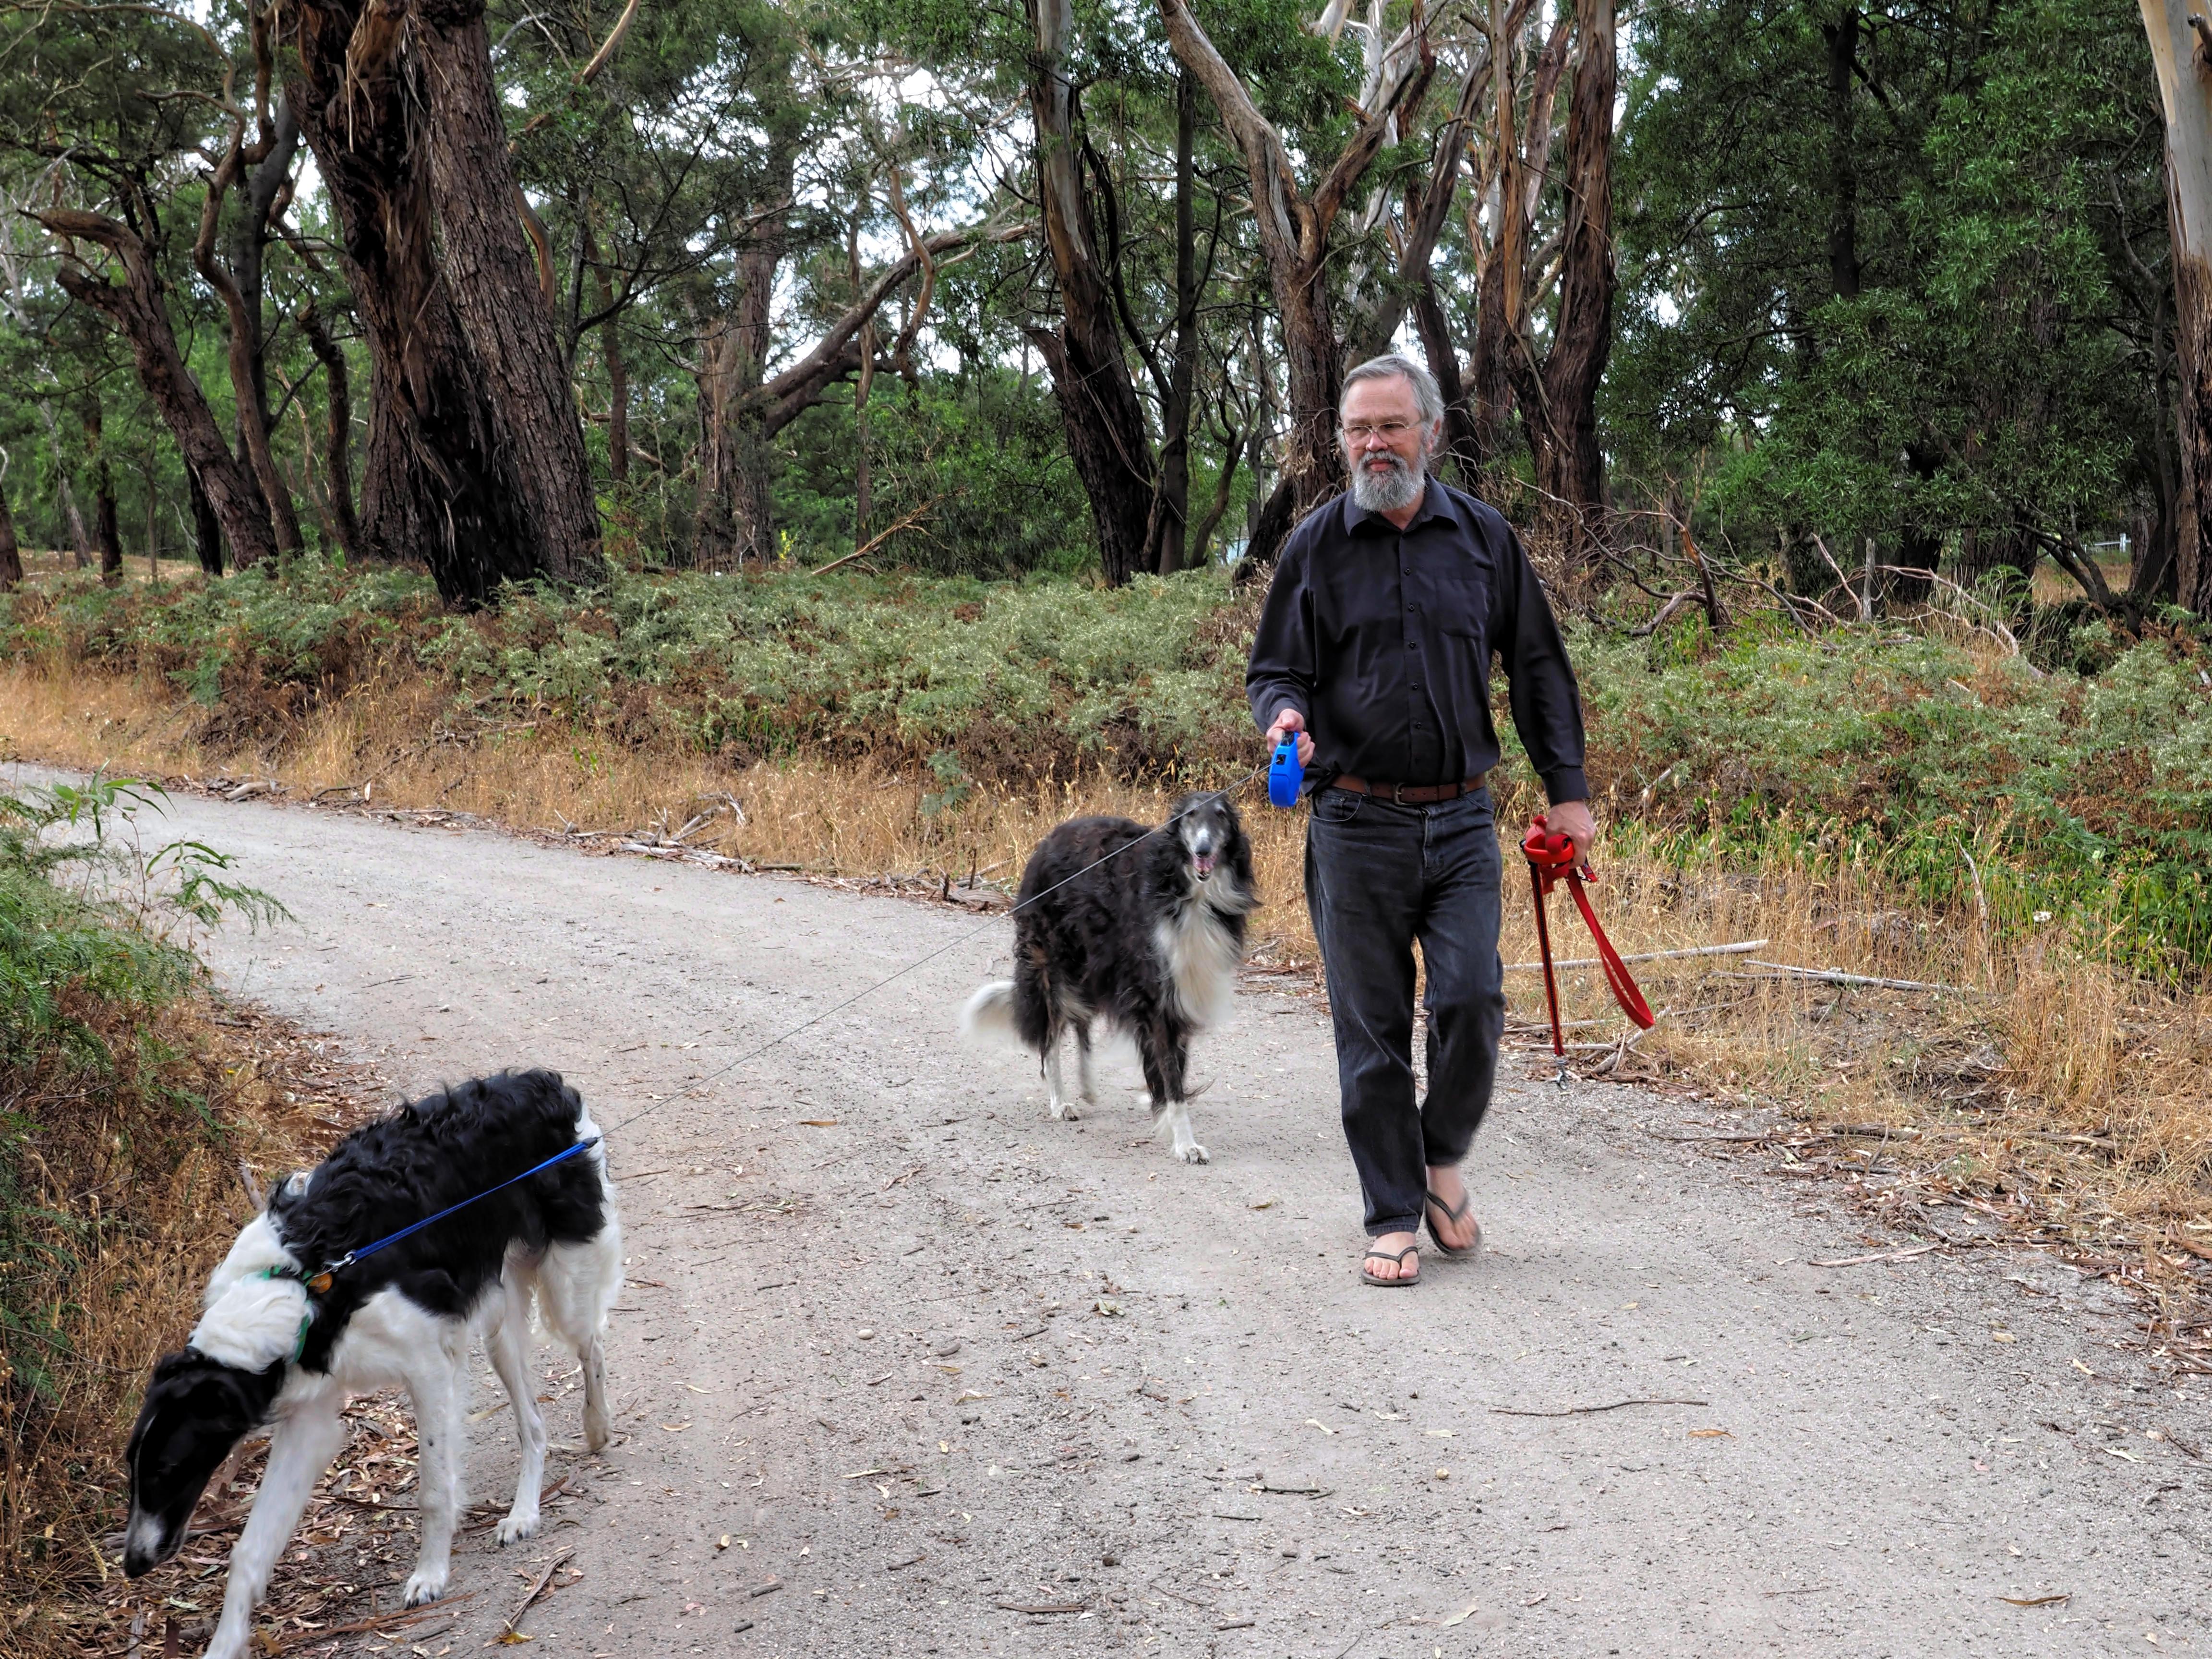 Walking-dogs-11.jpeg